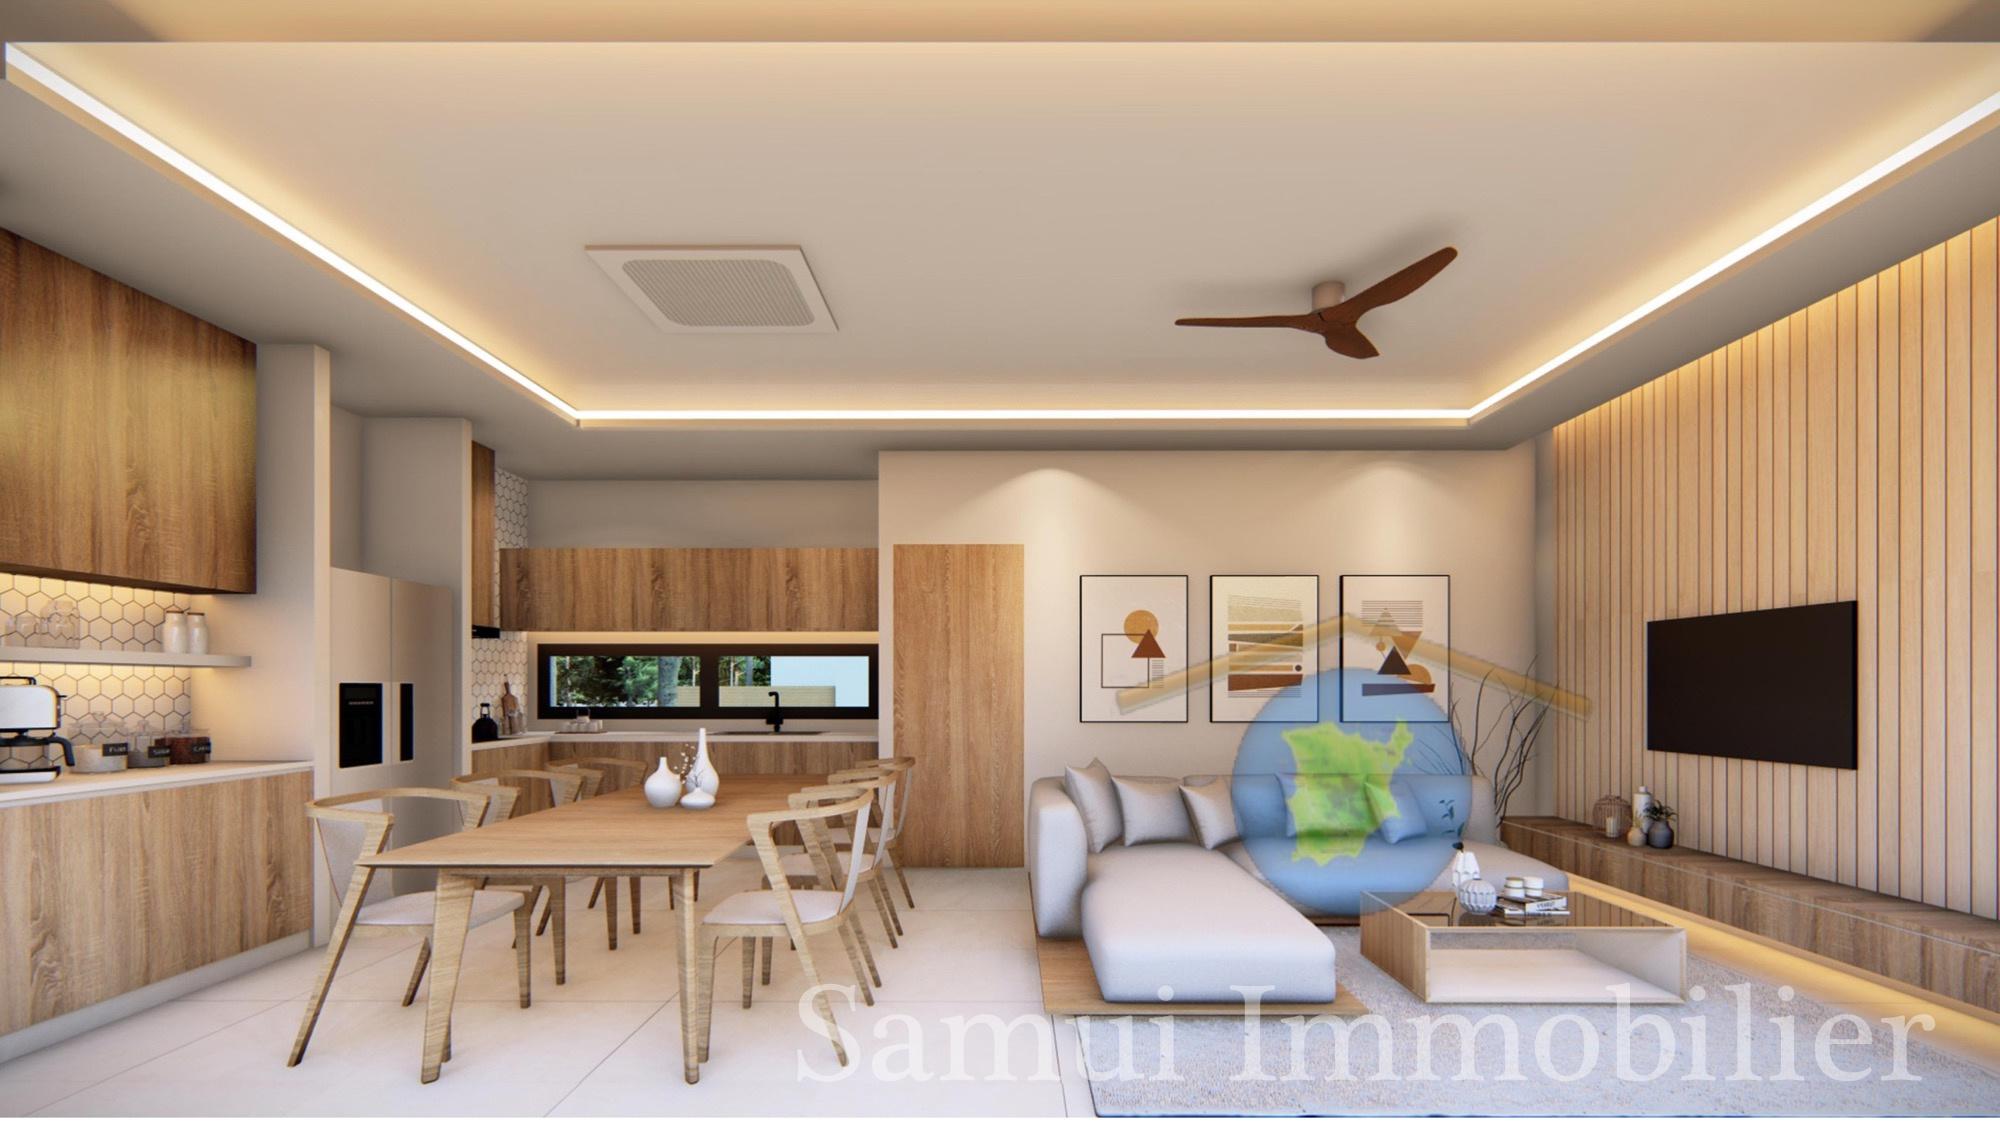 Villas à vendre - 2 ou 3 chambres - Bophut